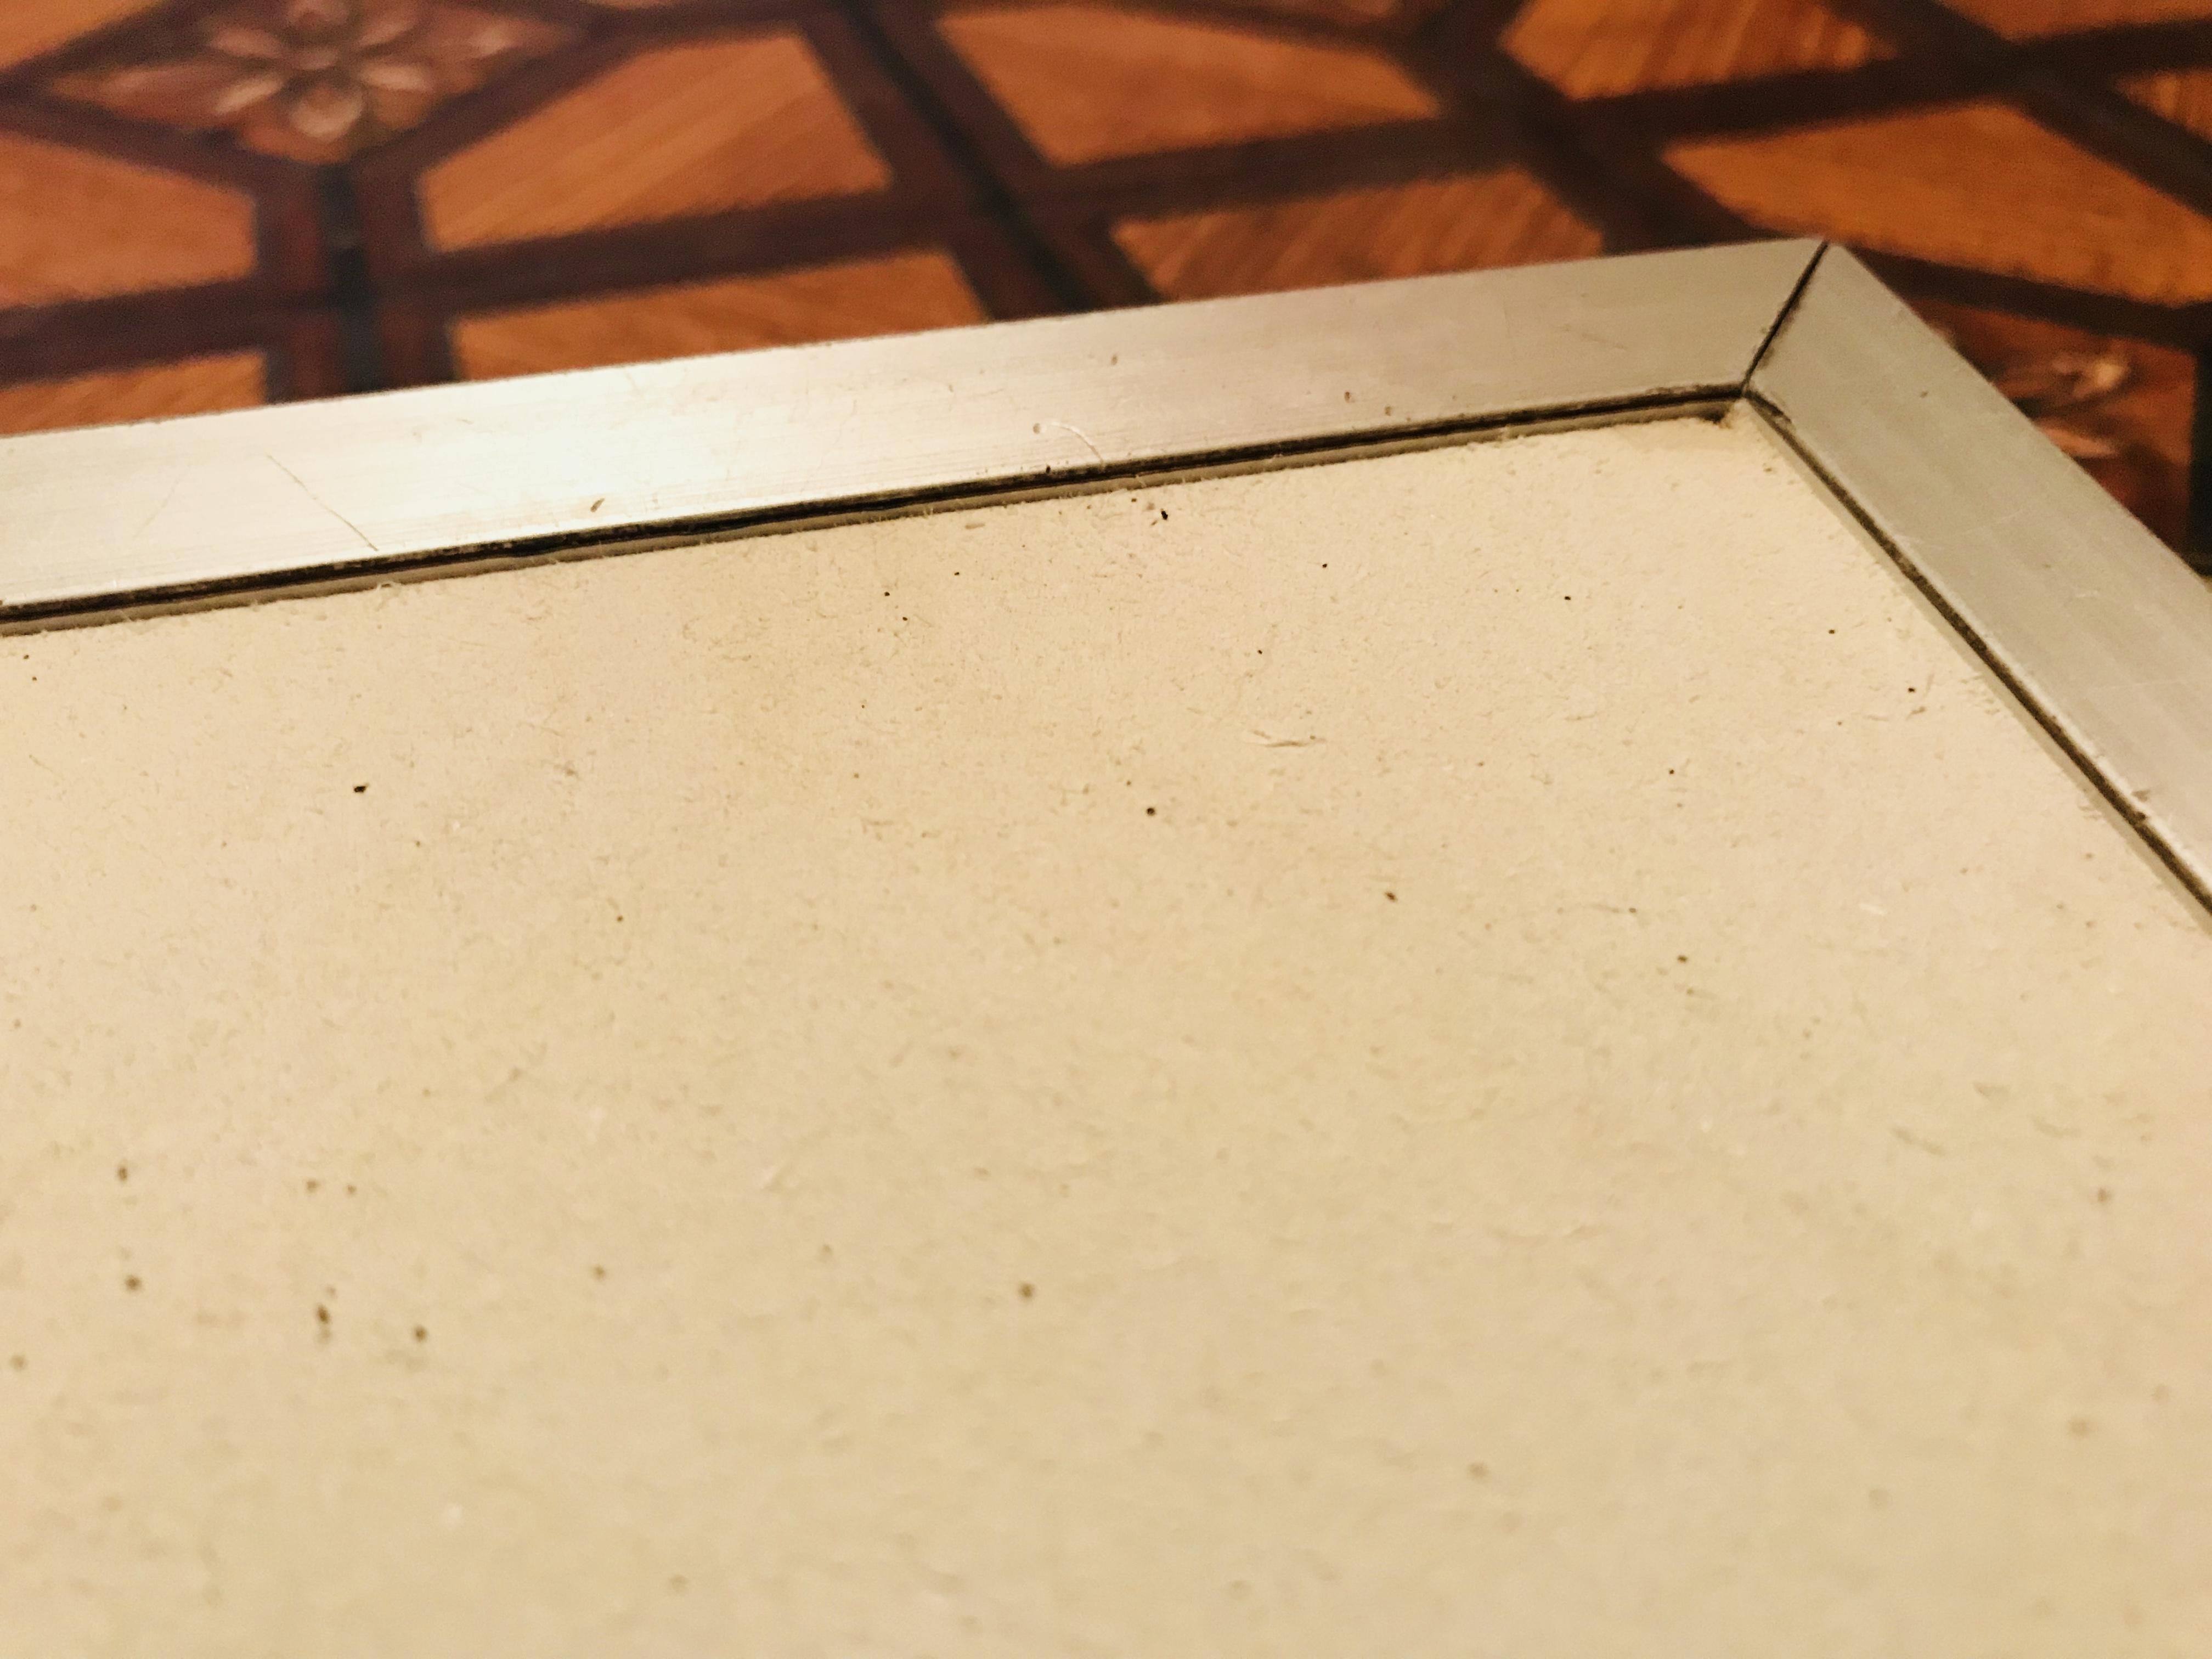 床下収納庫のクッションフロアの貼り替え